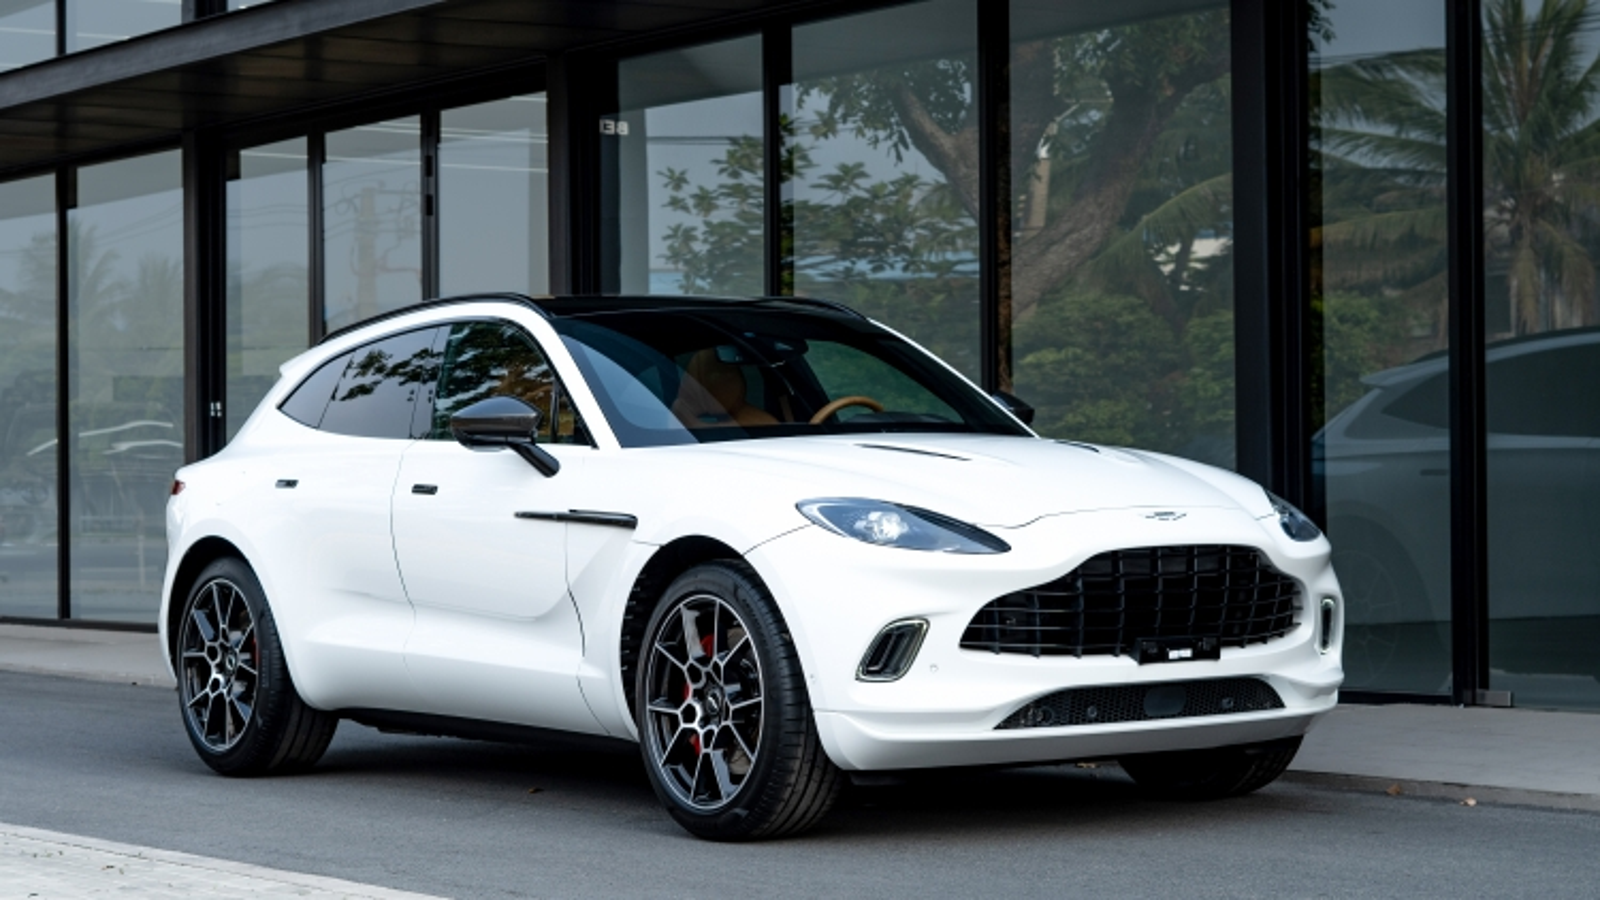 Cận cảnh siêu SUV Aston Martin DBX giá gần 17 tỷ đầu tiên tại Việt Nam